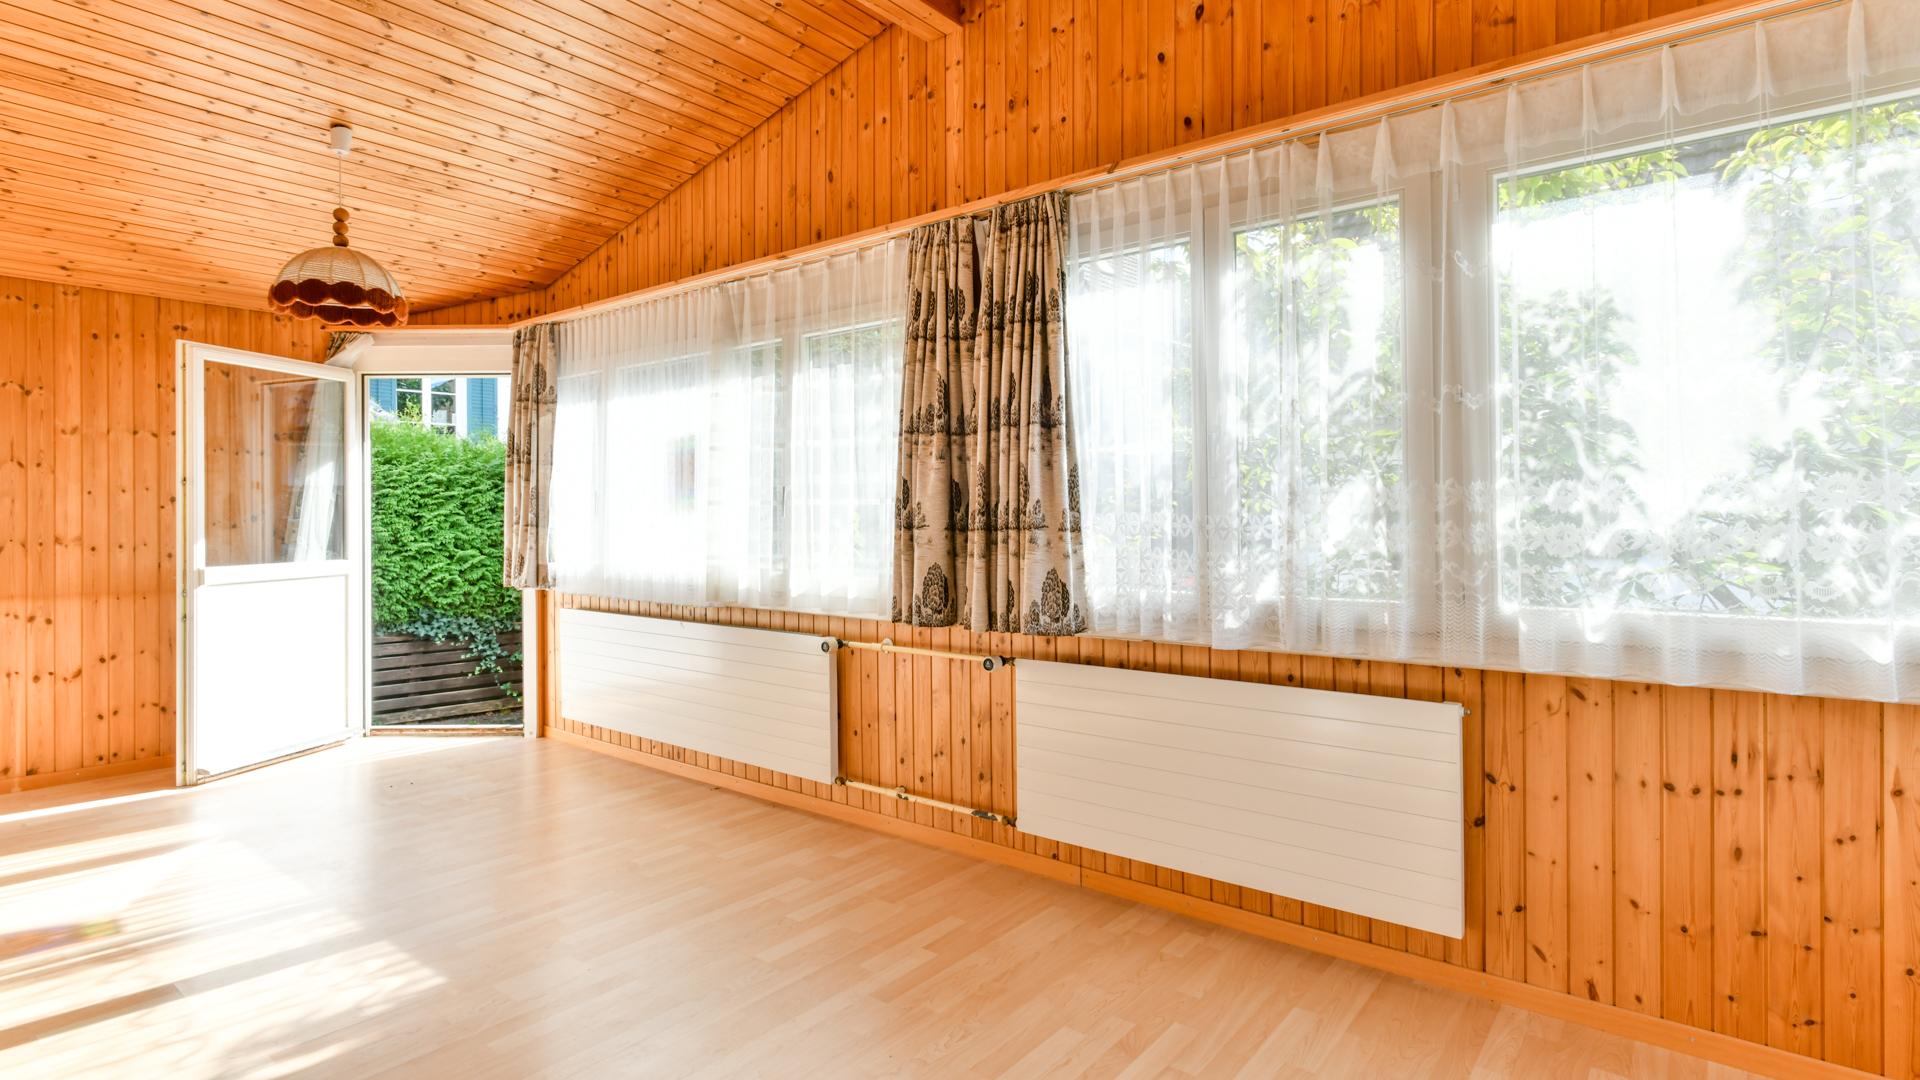 Freundlicher und warmer Innenausbau mit viel Holz